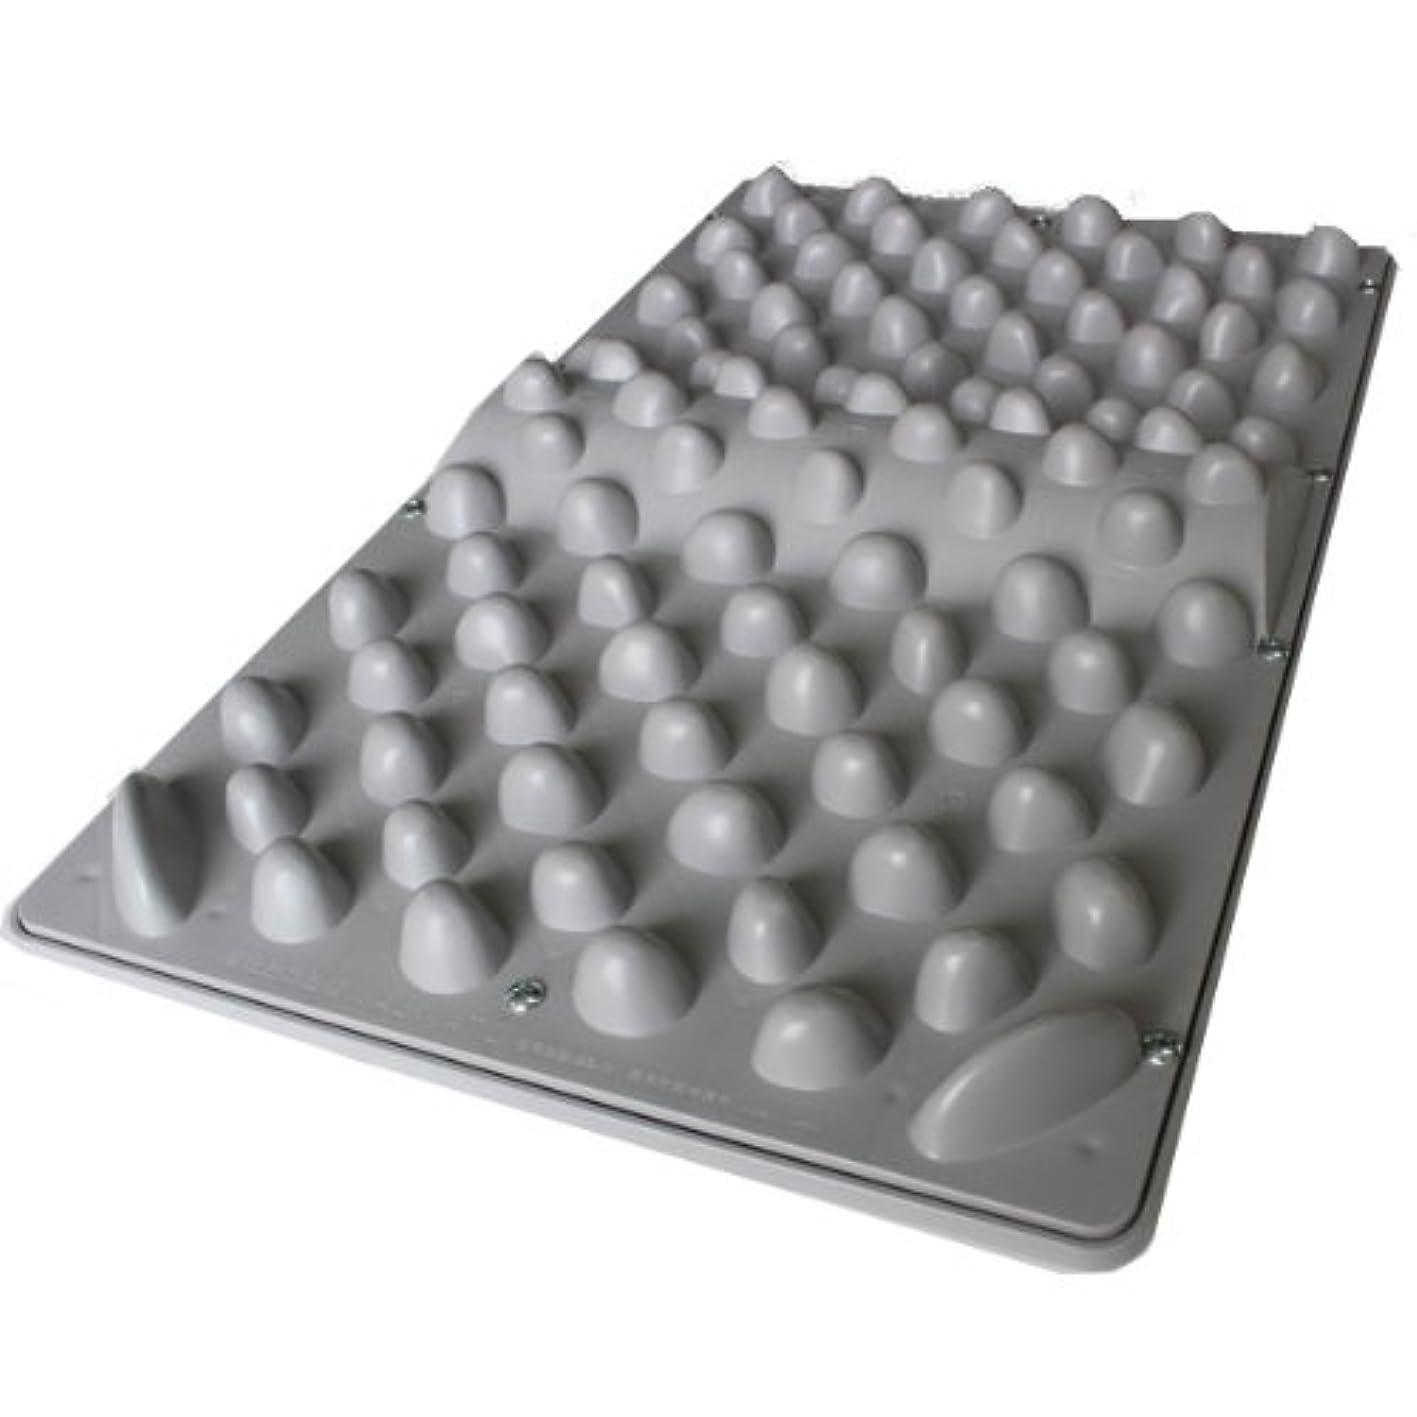 切断する辞任する分岐する官足法 ウォークマットⅡ 裏板セット(ABS樹脂製補強板付き)